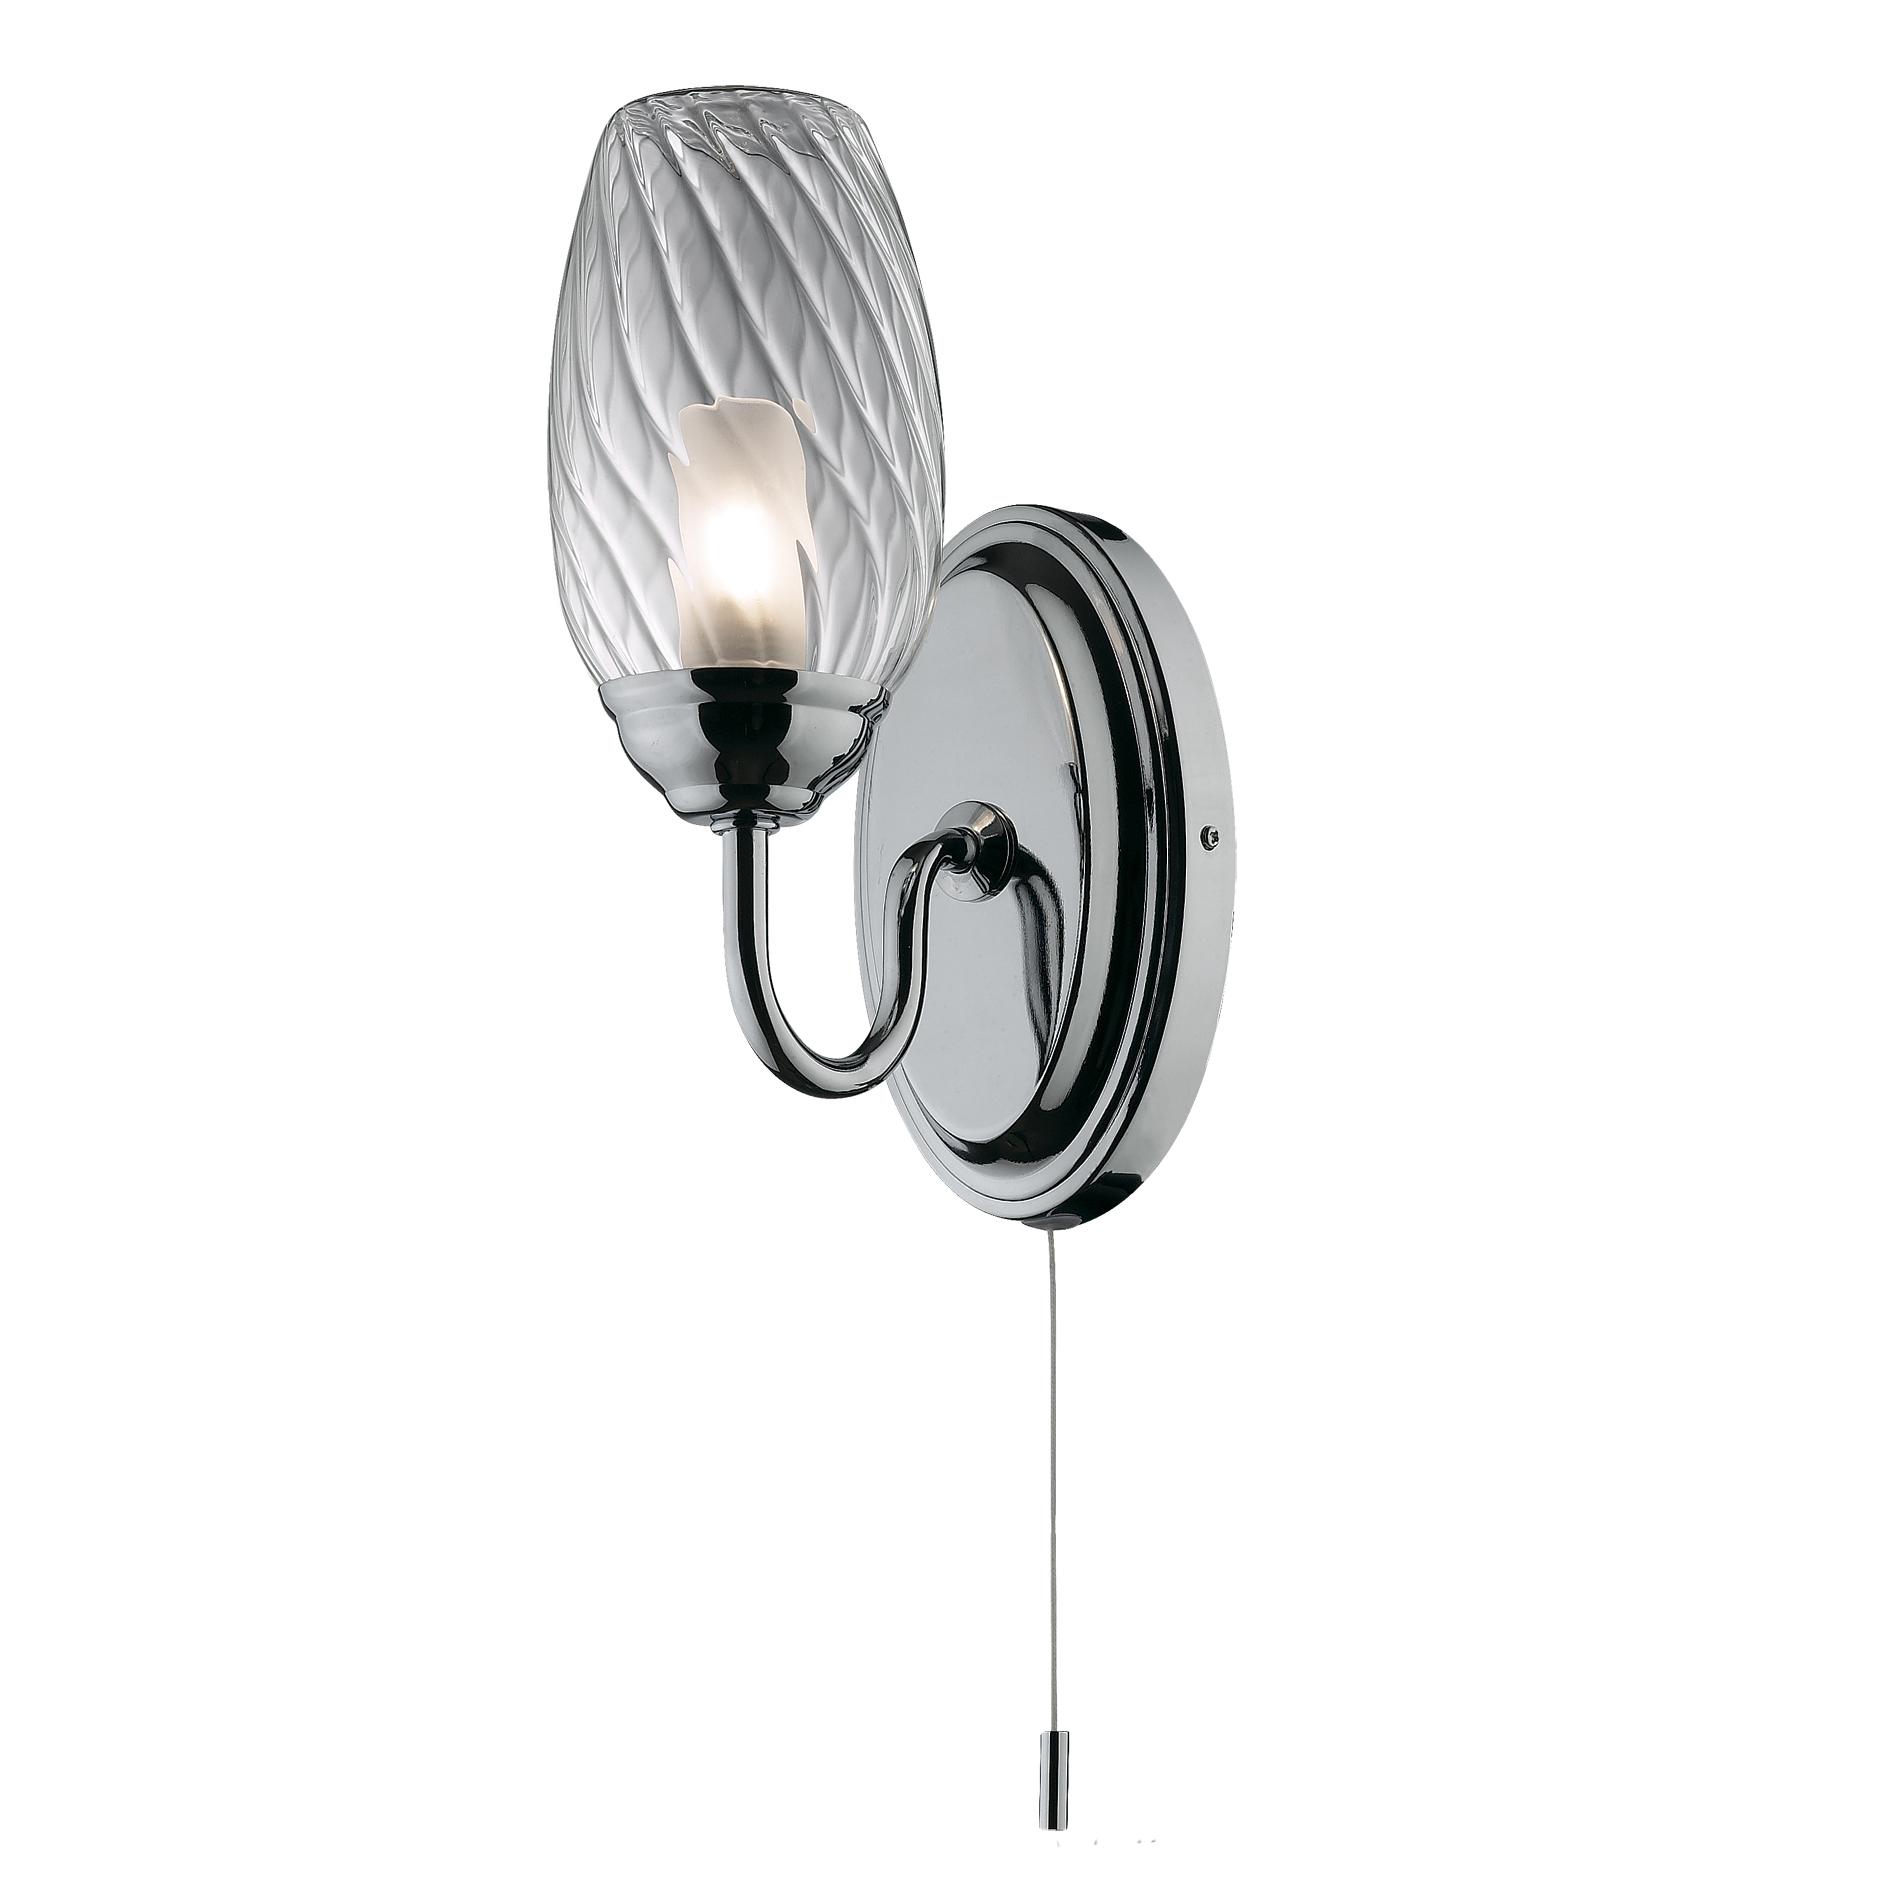 Светильник для ванной комнаты Odeon light 2147/1w